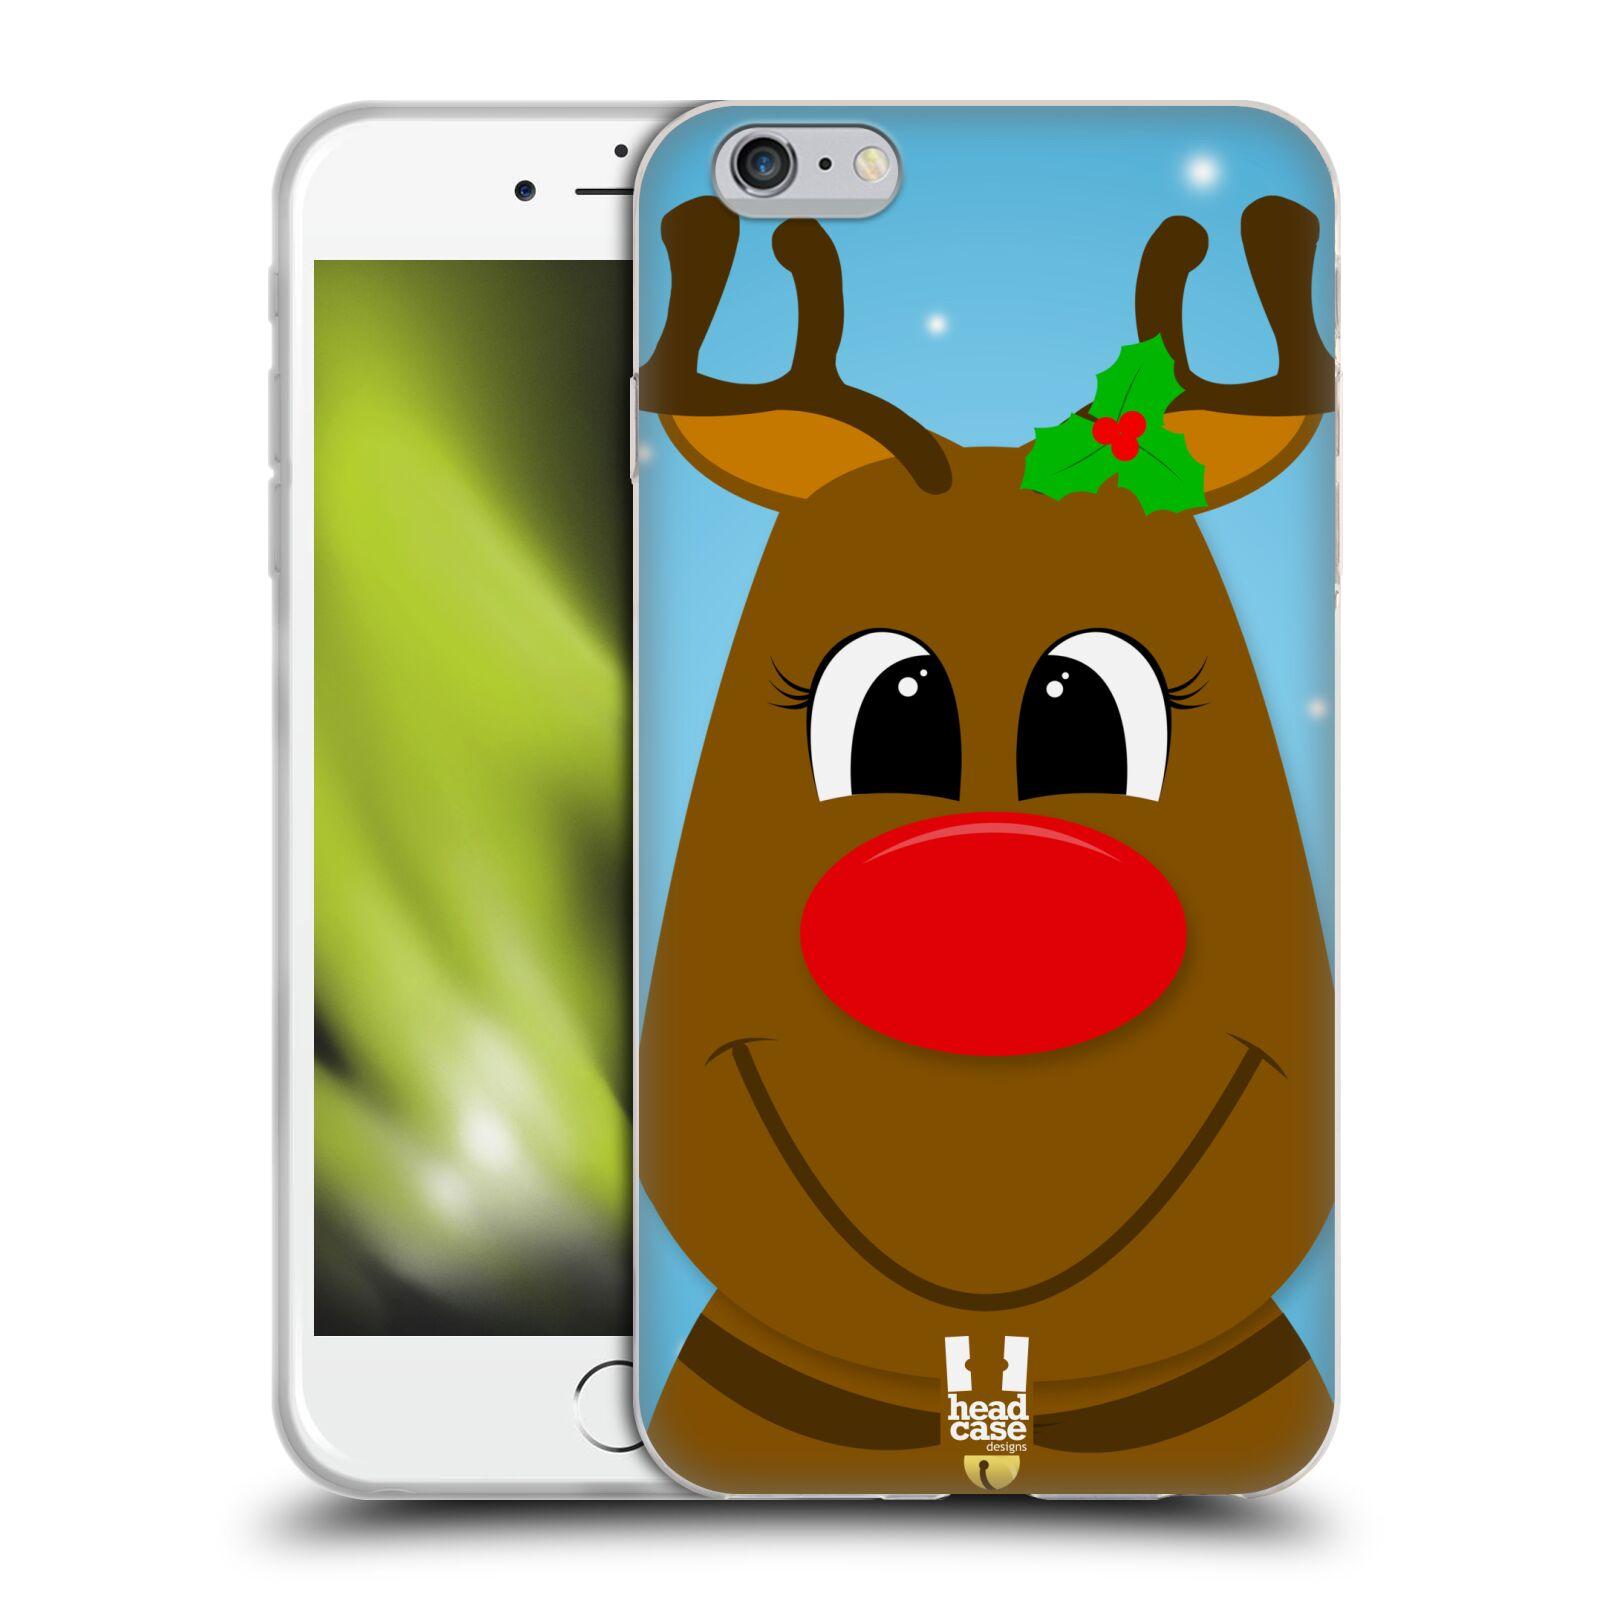 HEAD CASE silikonový obal na mobil Apple Iphone 6 PLUS/ 6S PLUS vzor Vánoční tváře kreslené SOB RUDOLF